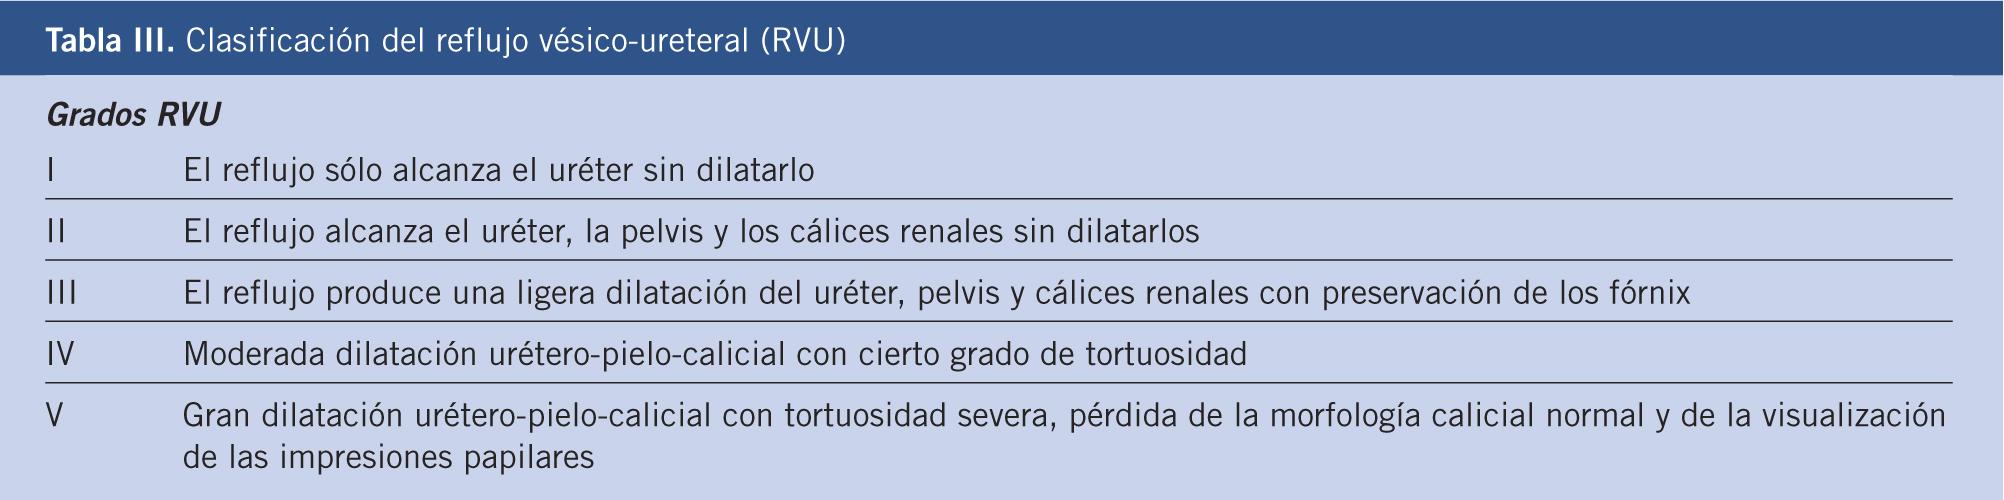 hidronefrosis con obstrucción del cálculo renal y ureteral